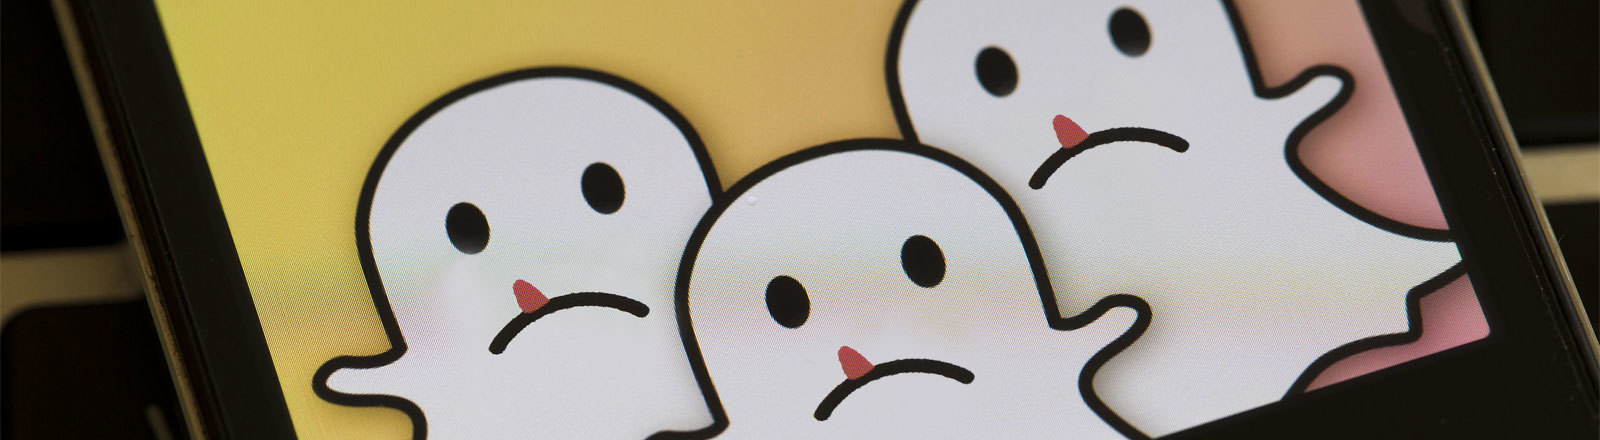 Snapchat-Logo bearbeitet: drei traurig schauende Gespenster